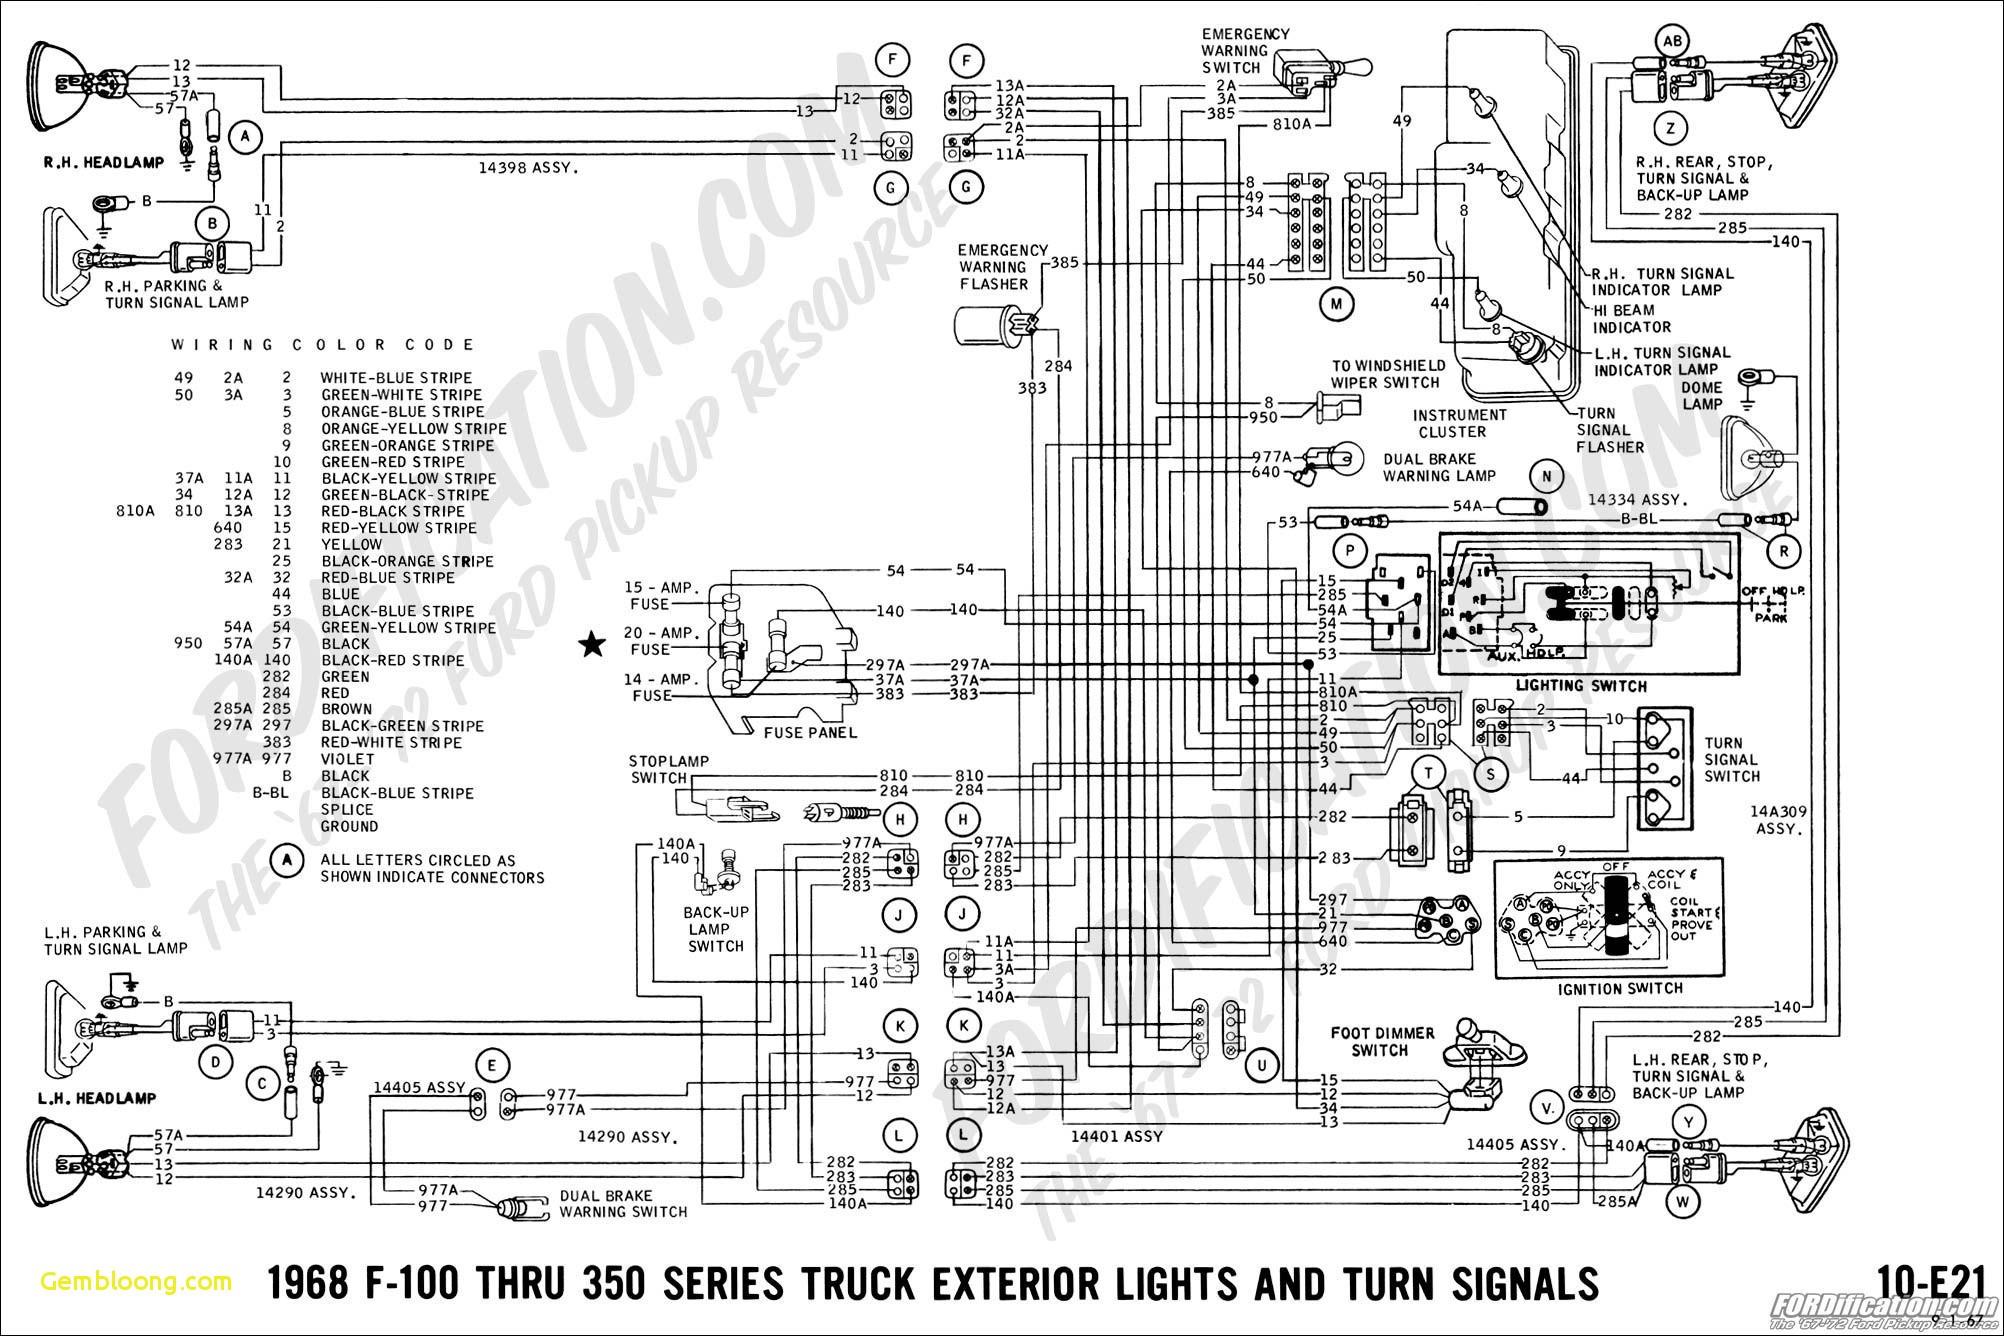 Ford Fiesta Engine Diagram 10 ford Trucks Wiring Diagrams Free – Wiring Diagram Of Ford Fiesta Engine Diagram